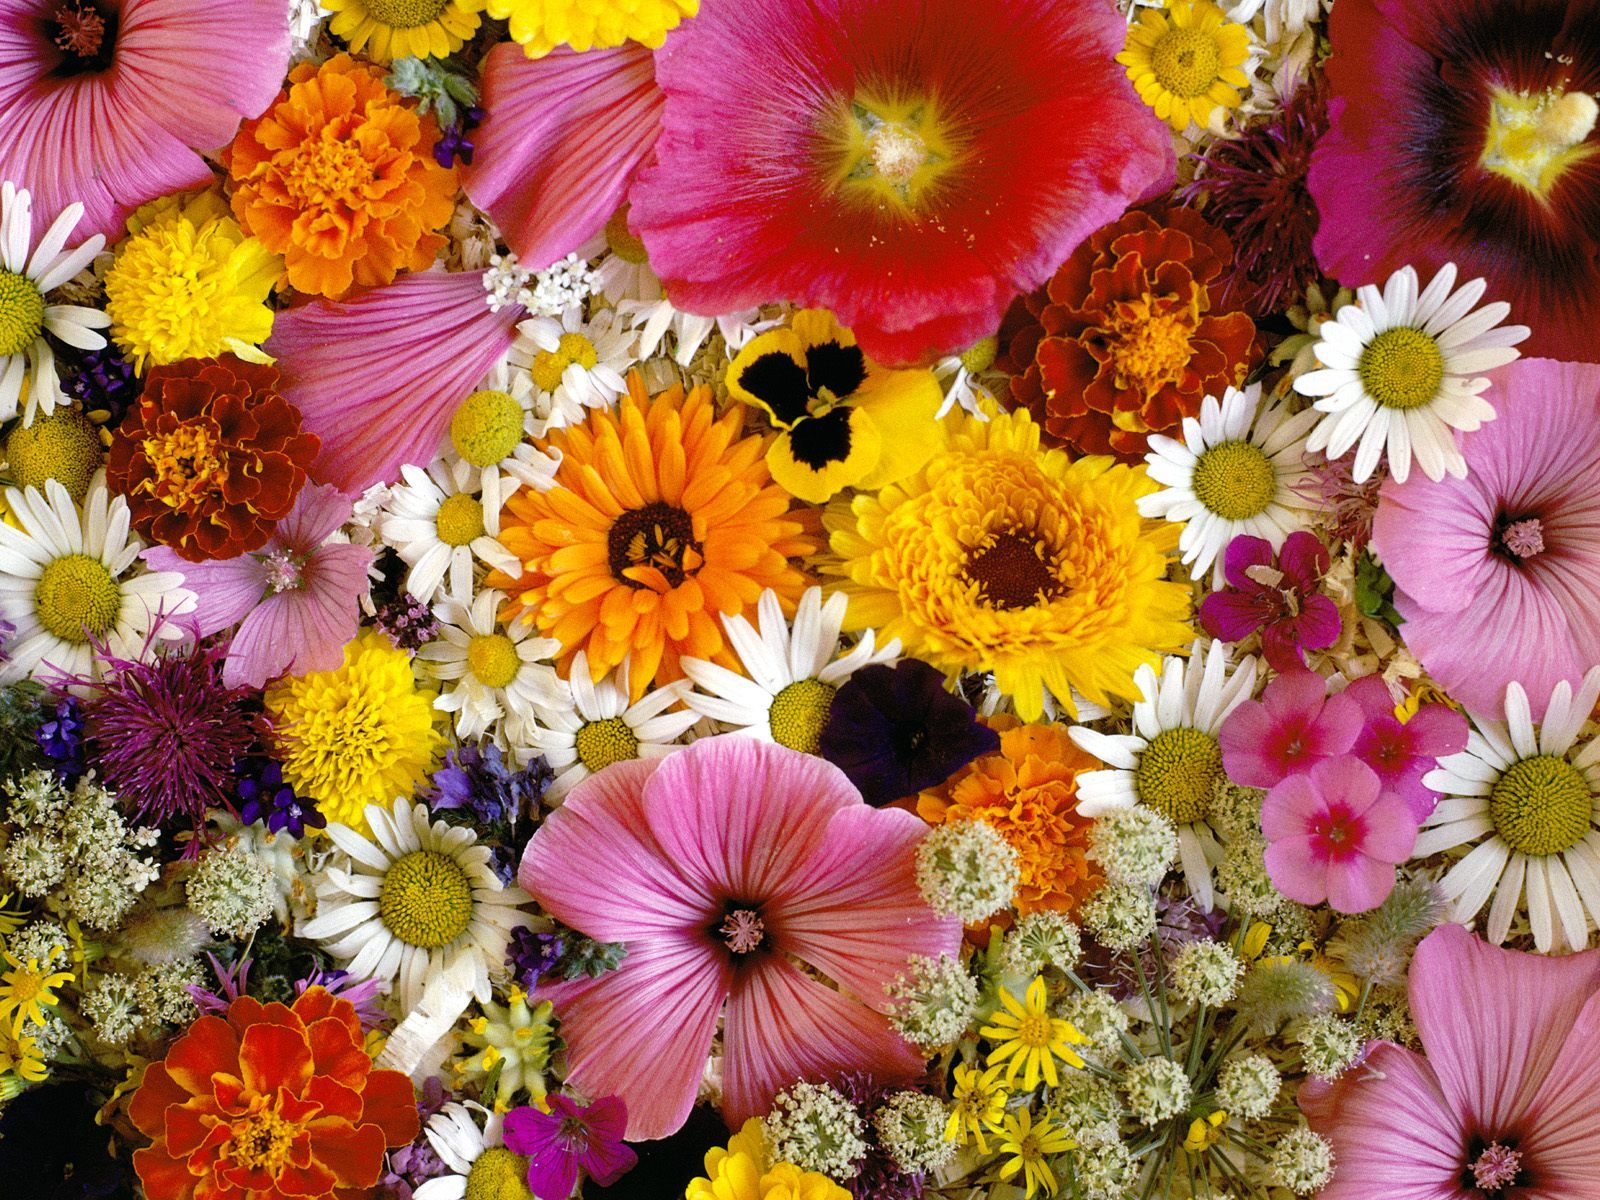 بالصور اجمل الزهار زهره جميله 20160819 4310